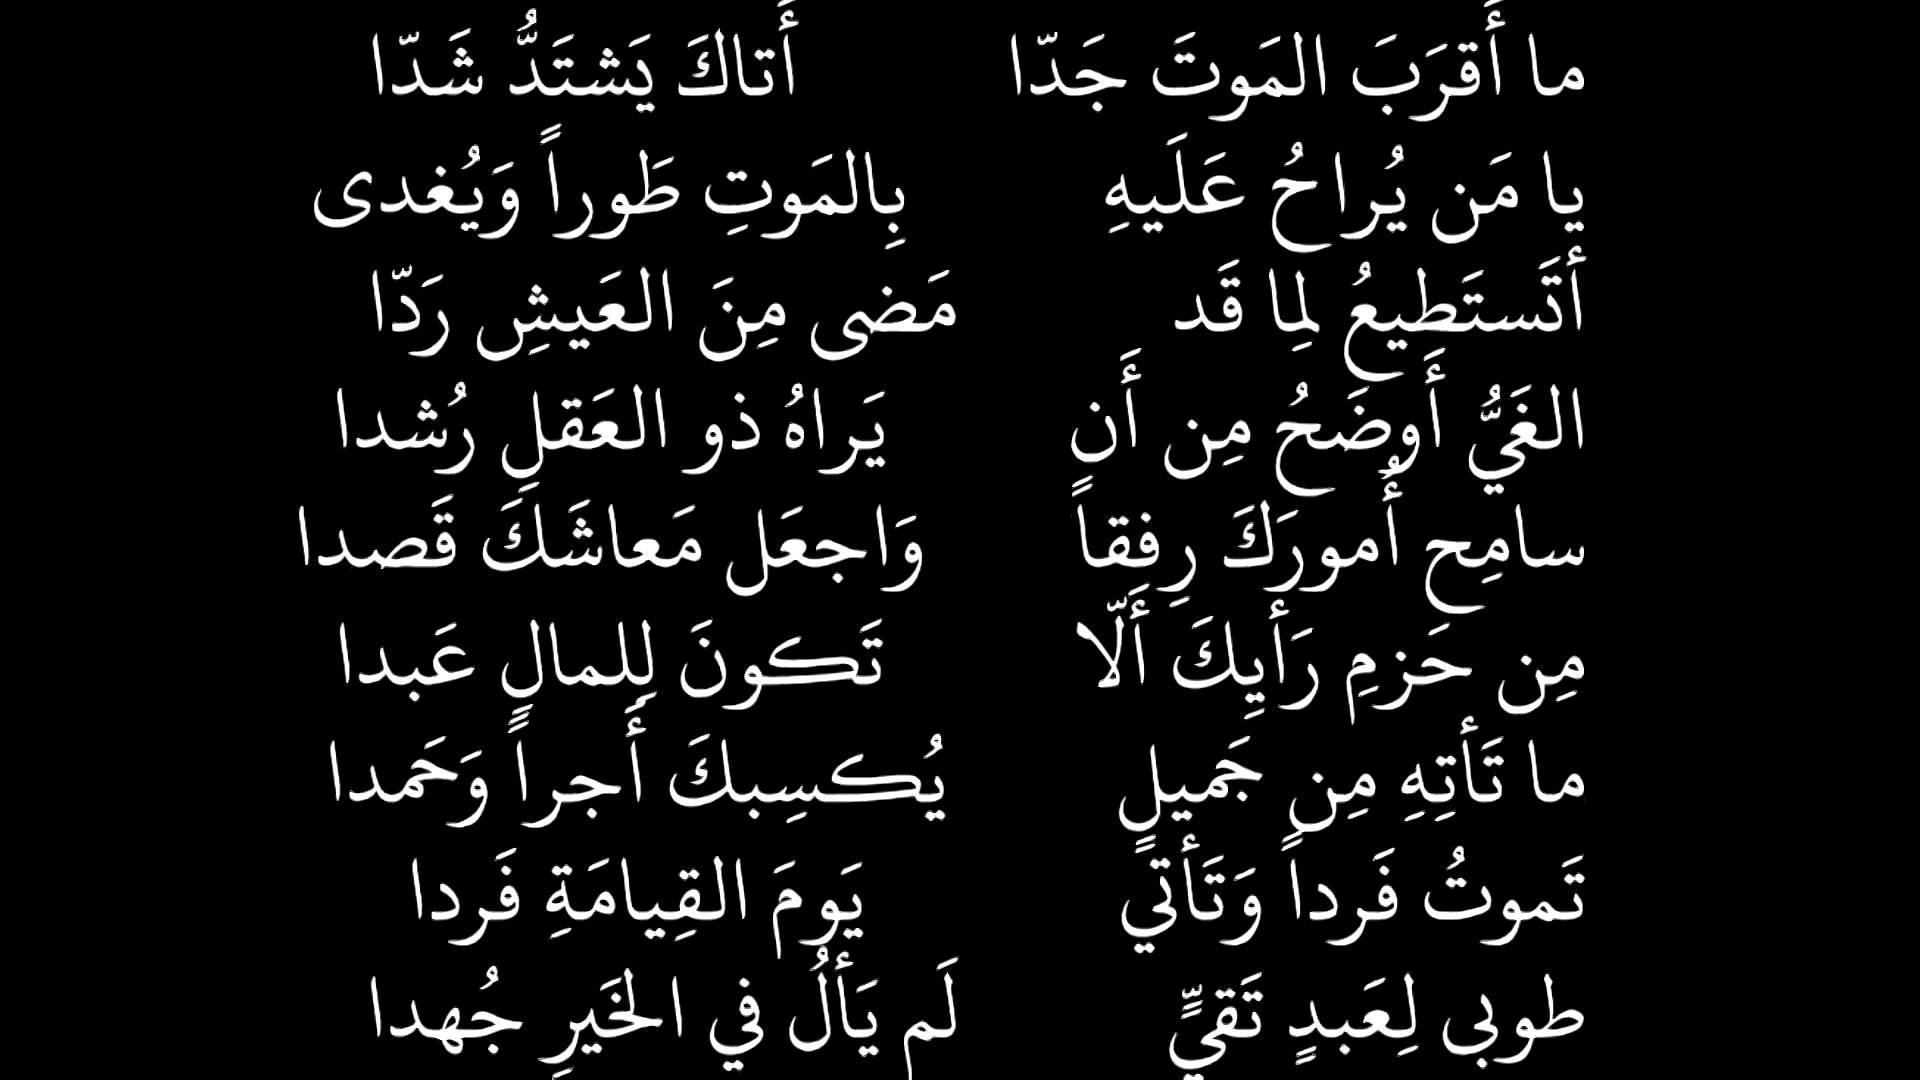 اشعار عربية حزينة